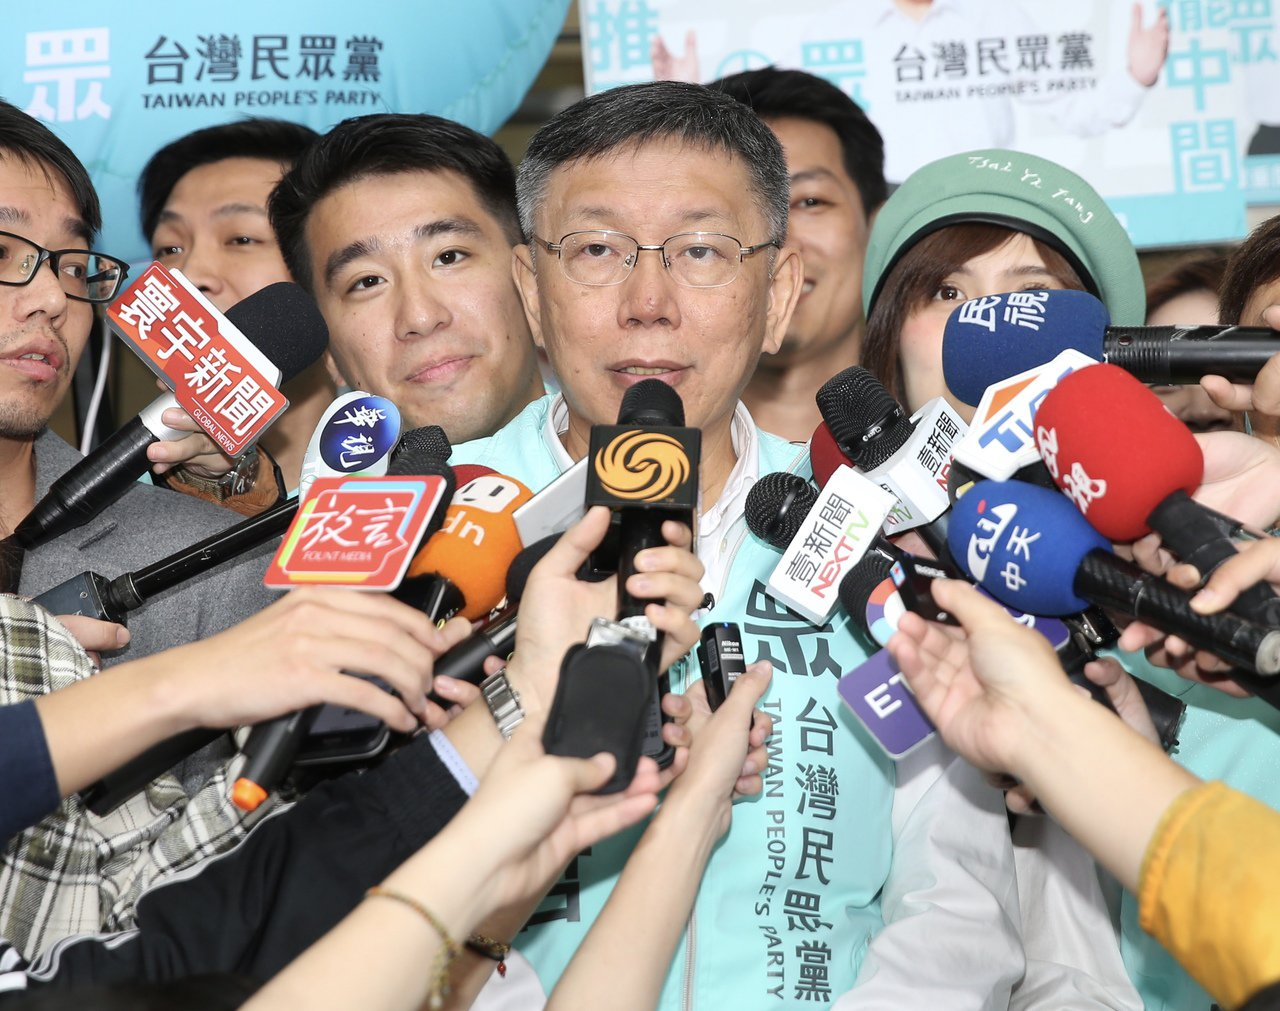 台北市長柯文哲(中)認為,選舉現在進入籃球垃圾時間,勝負已定。 記者許正宏/攝影